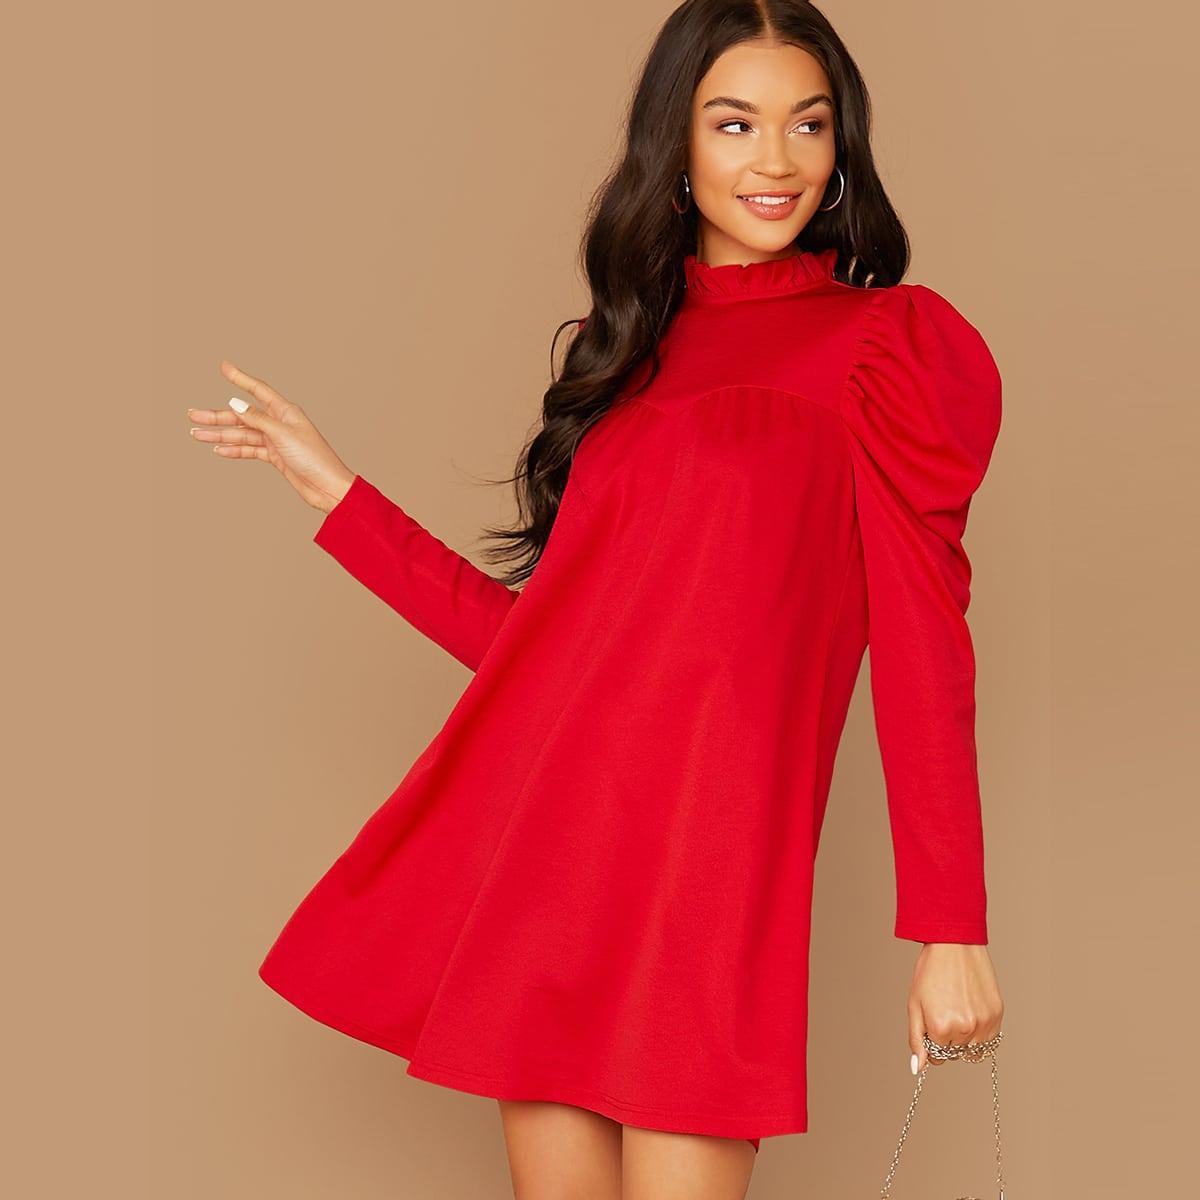 SHEIN / Kleid mit Falten und Stehkragen